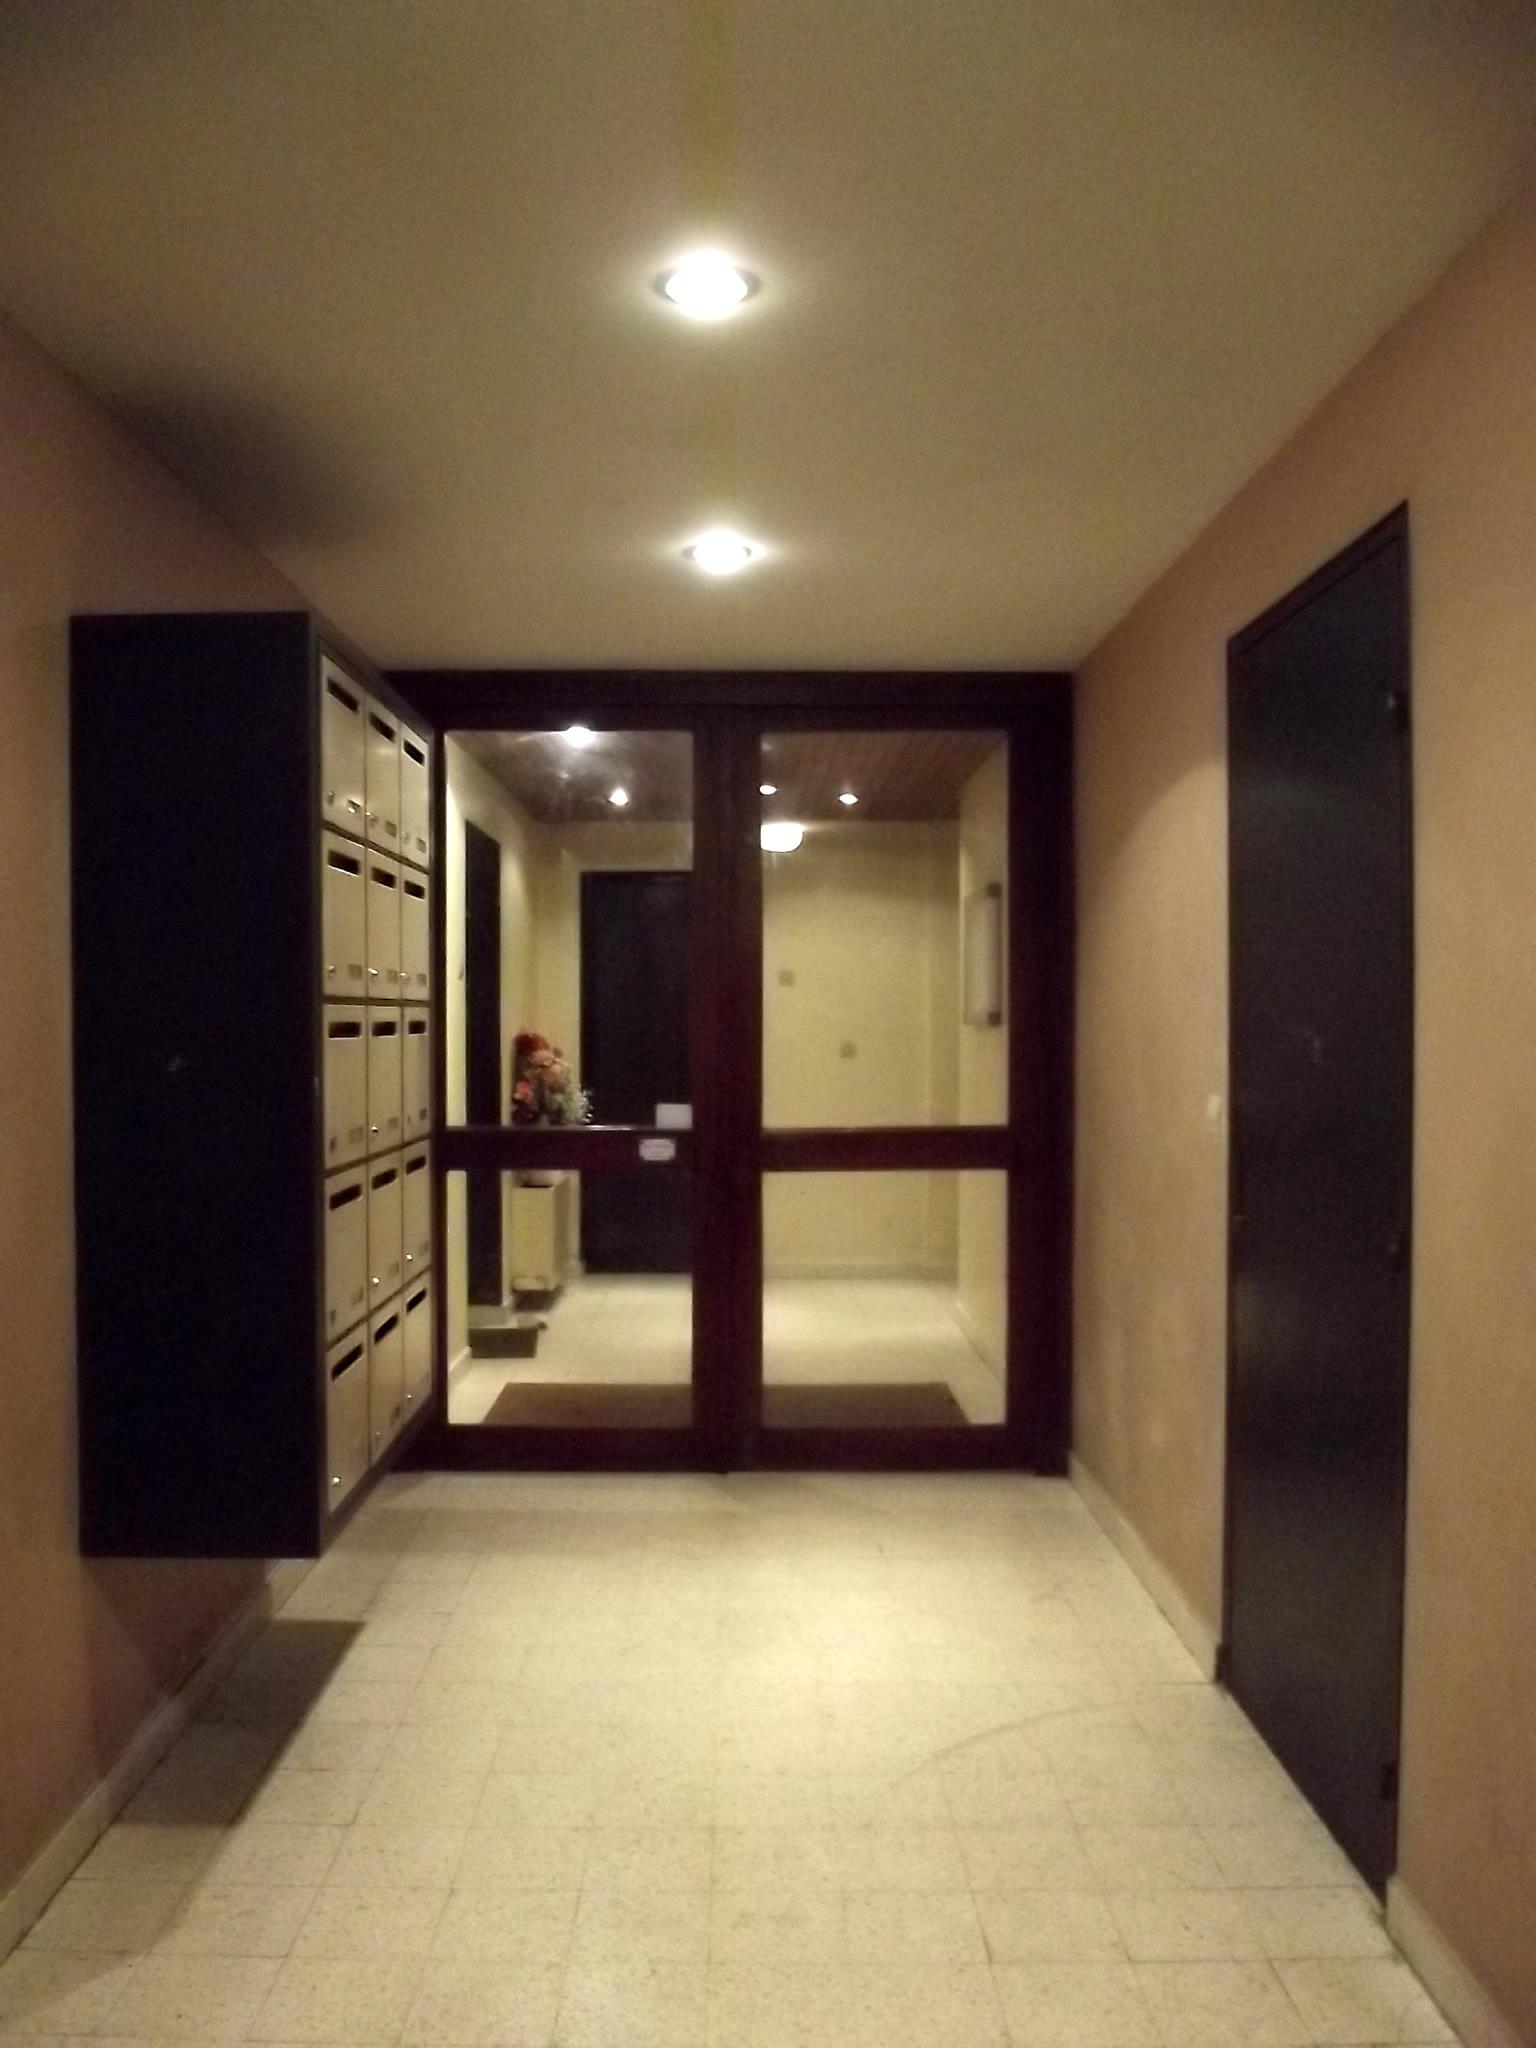 Appartement pierrefitte sur seine - Appartement hal ...